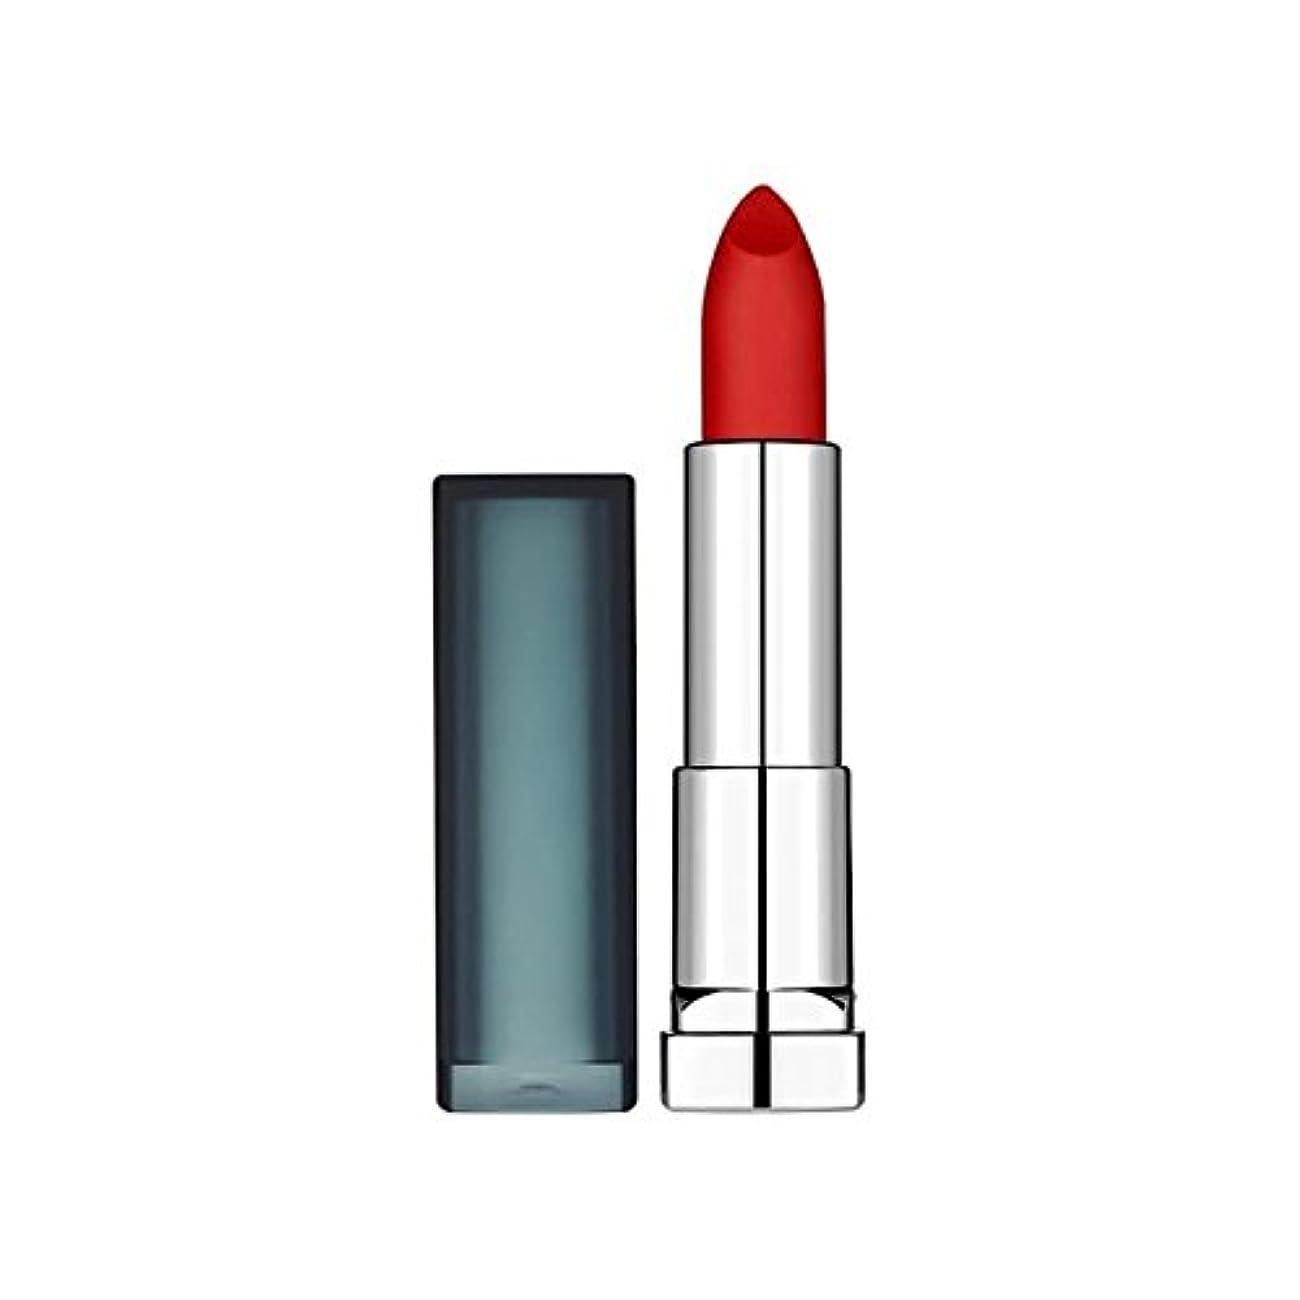 運営スリラー高潔なメイベリンカラー扇情口紅スカーレット965のサイレン x2 - Maybelline Color Sensational Lipstick 965 Siren in Scarlet (Pack of 2) [並行輸入品]